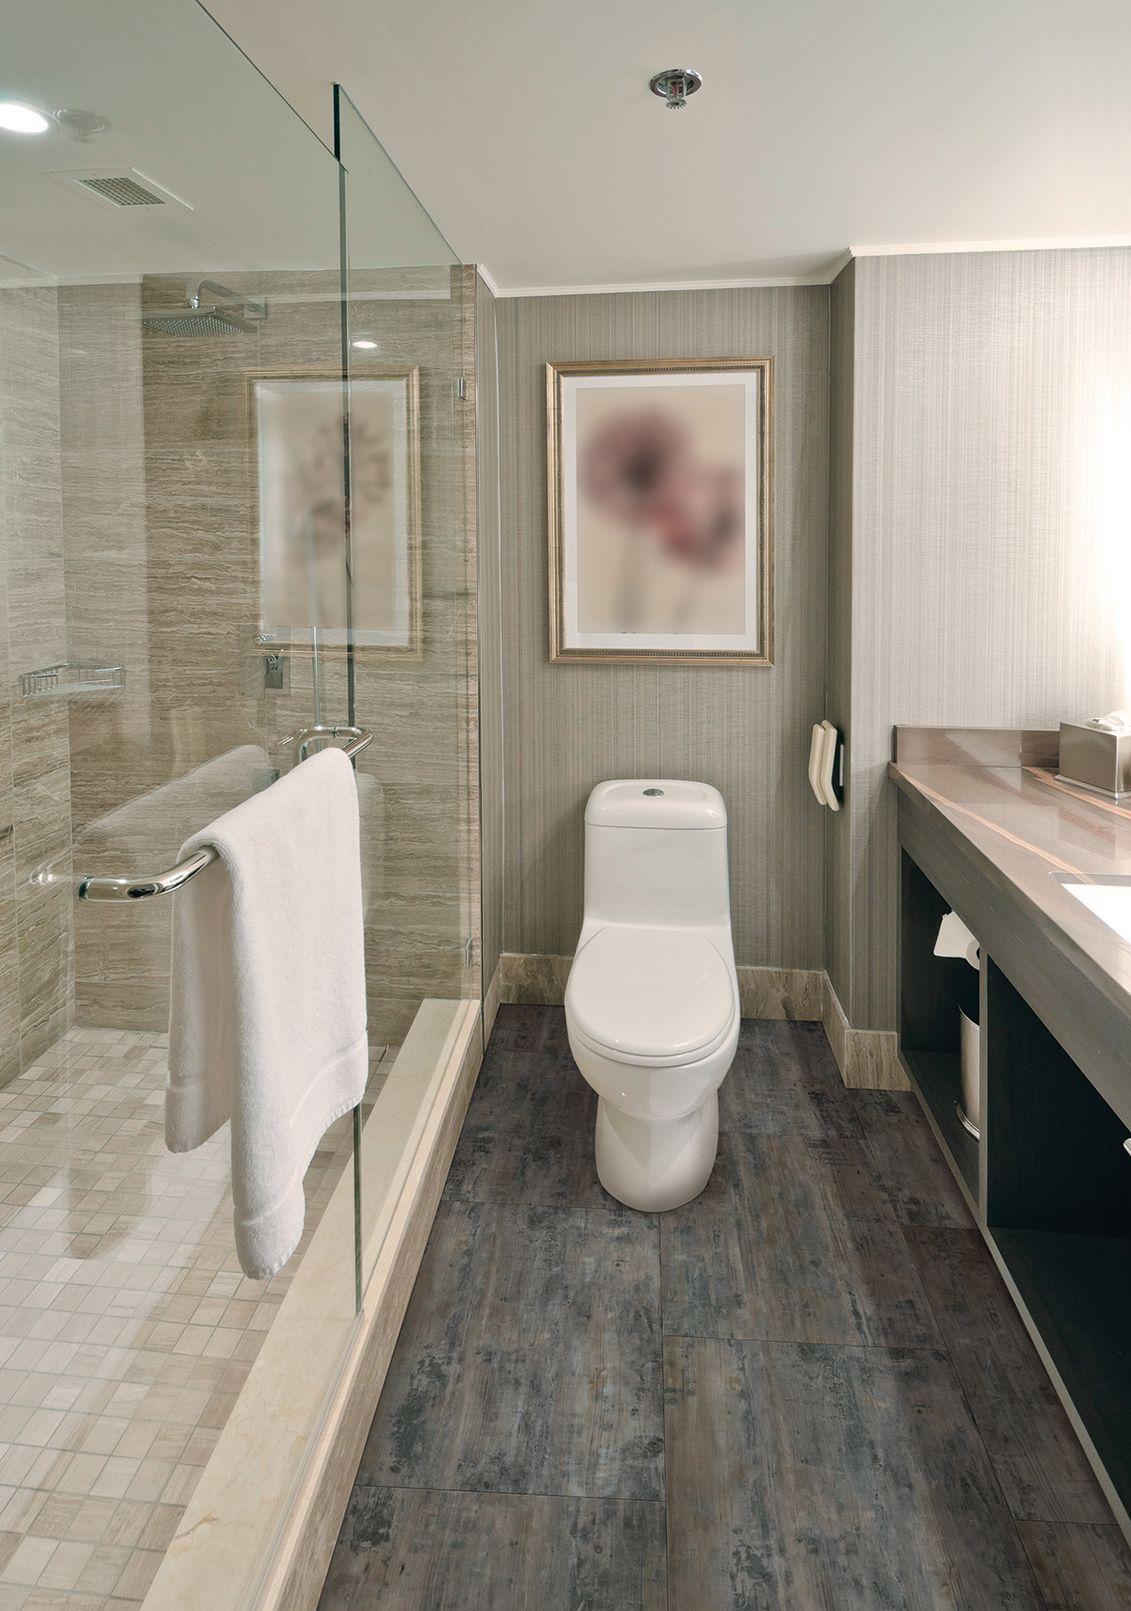 Vloeren PVC, Vloer badkamer, Vloer inspiratie, PVC vloer badkamer ...